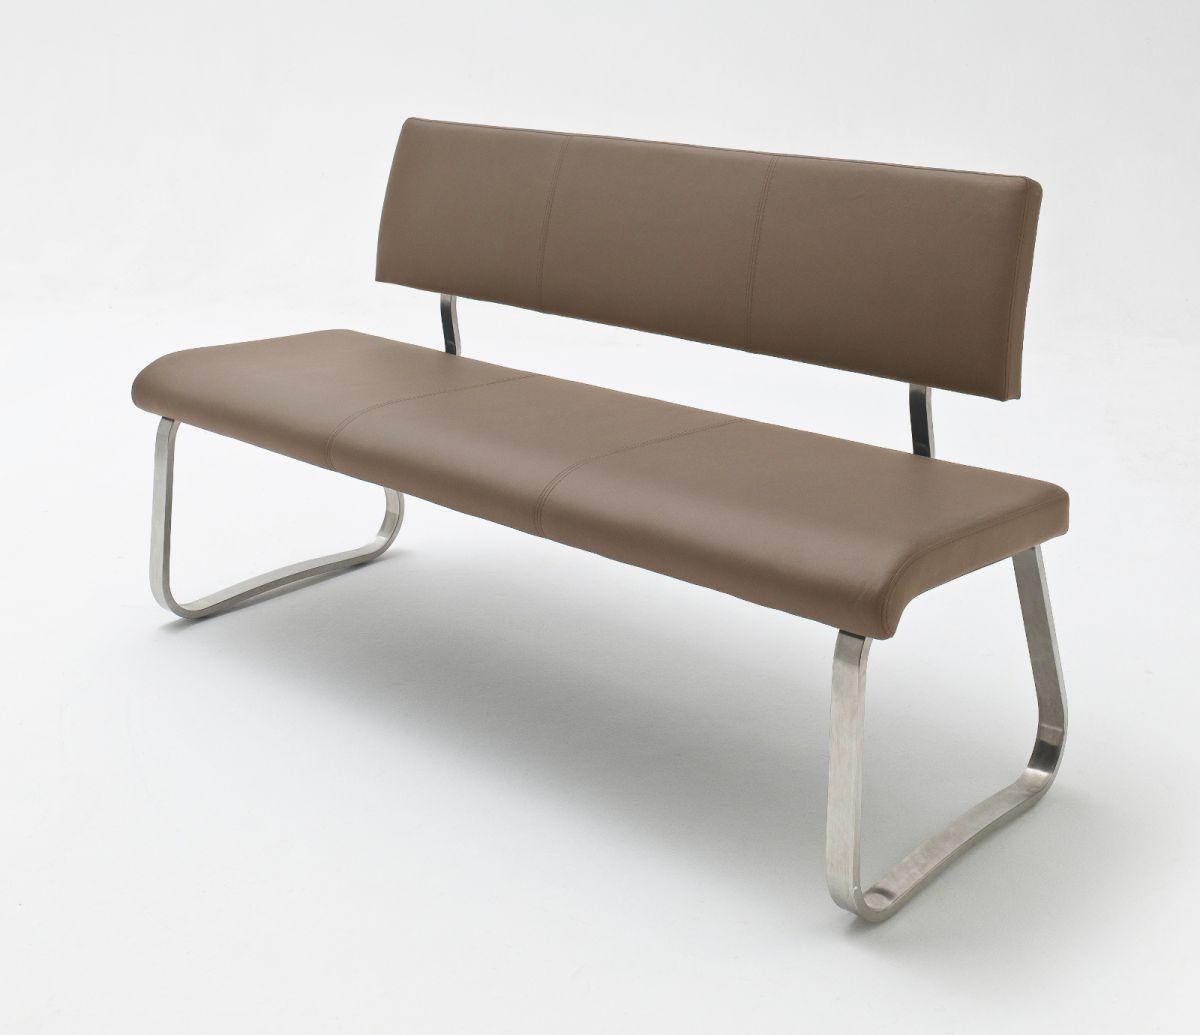 Sitzbank Arco Cappuccino Kunstleder 155 cm